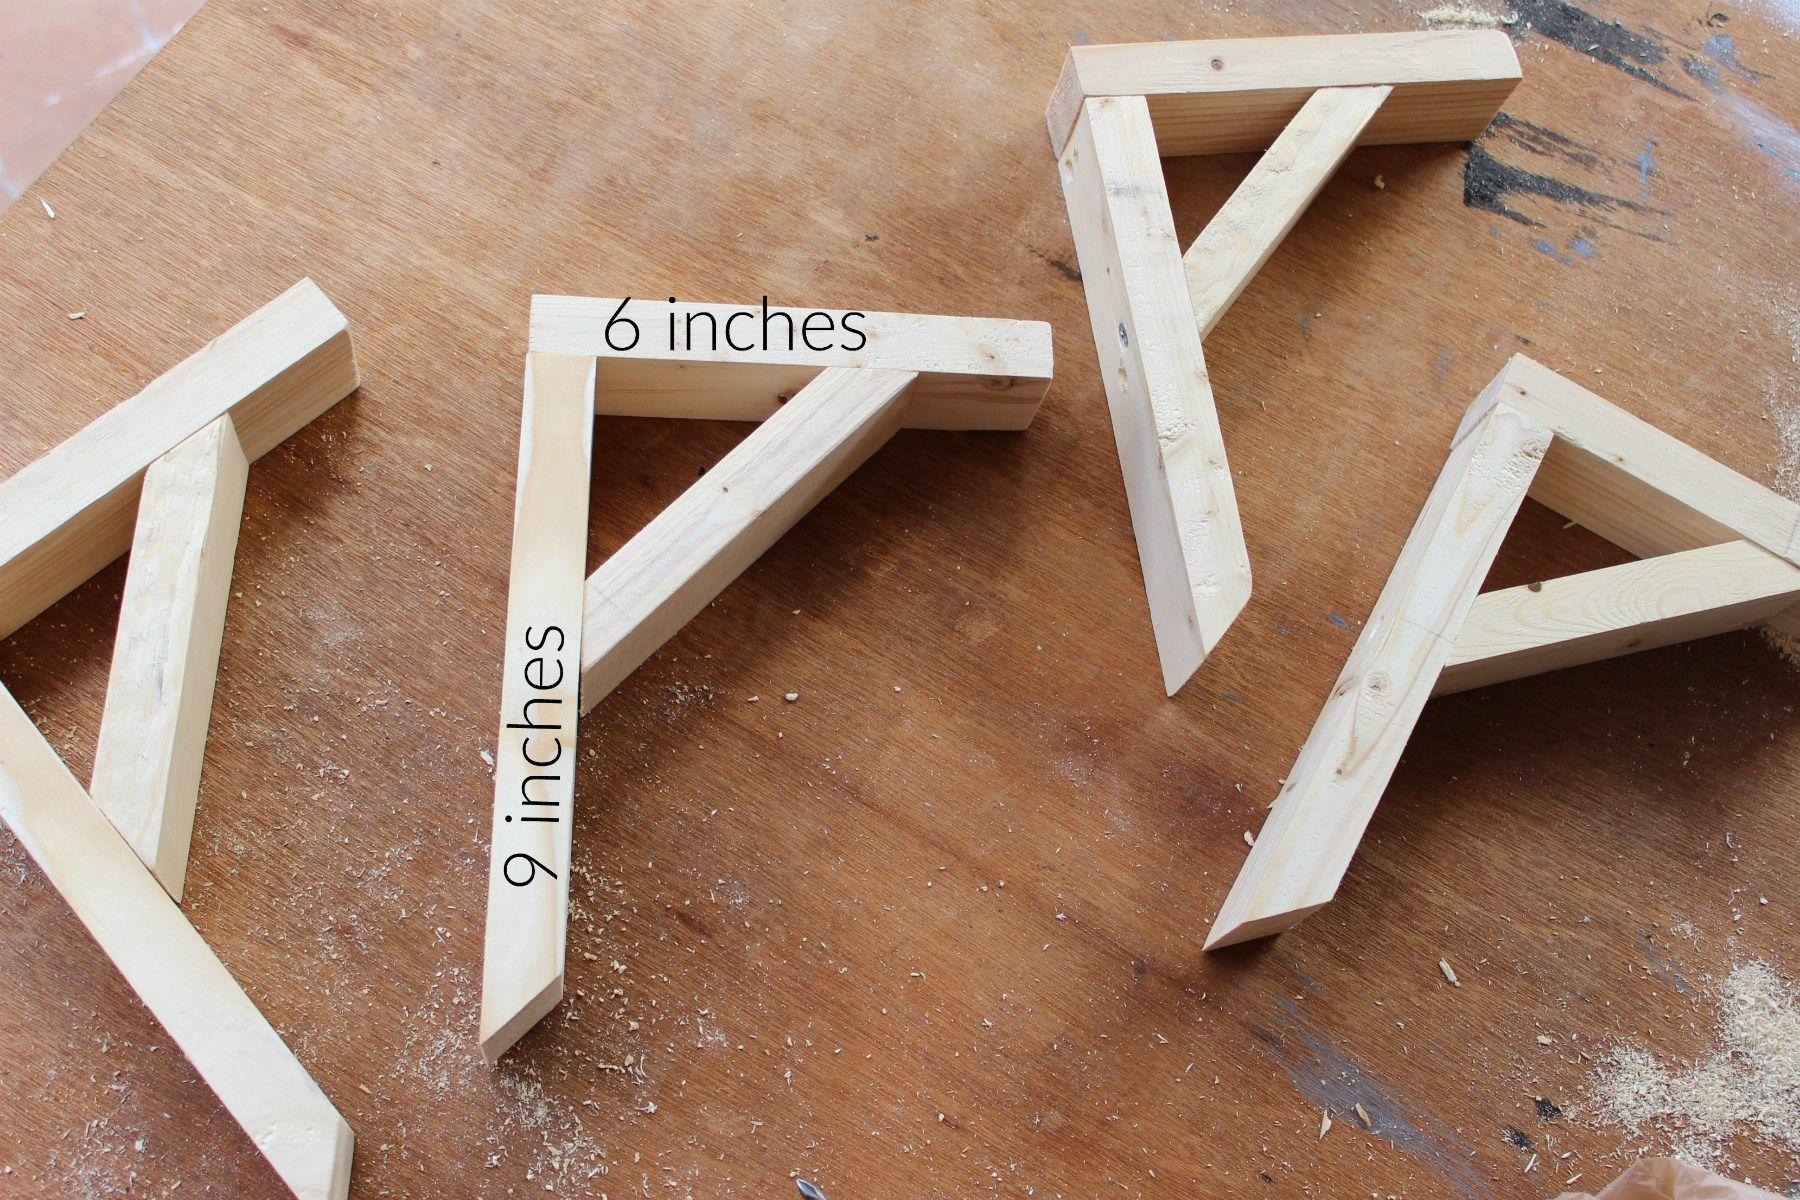 Pin By Kathy Ernst On Crafts Wood Shelf Brackets Diy Wood